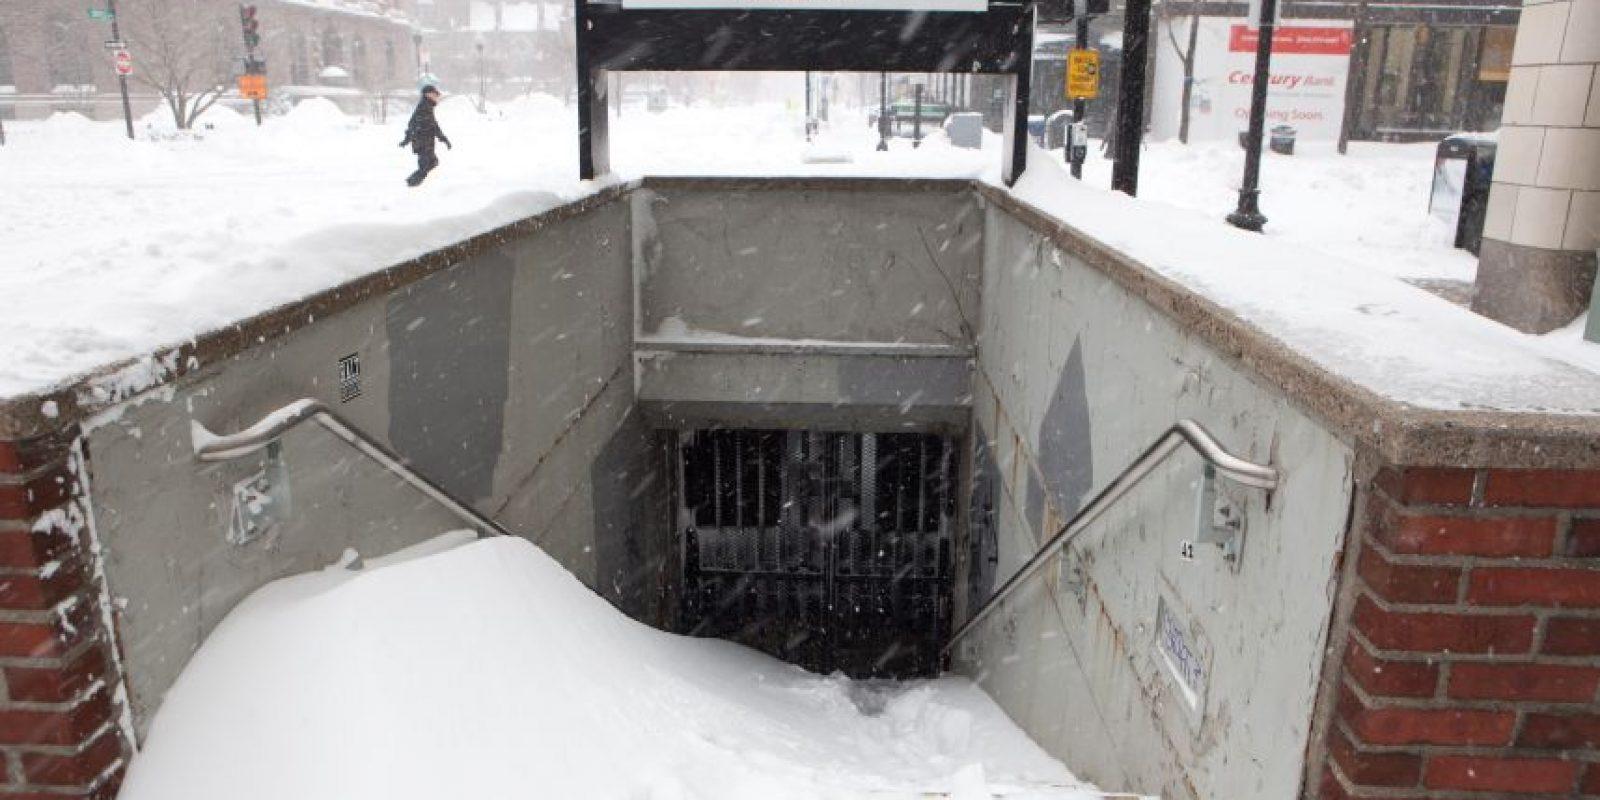 La entrada a una estación del metro de Boston, bloqueada Foto:Getty